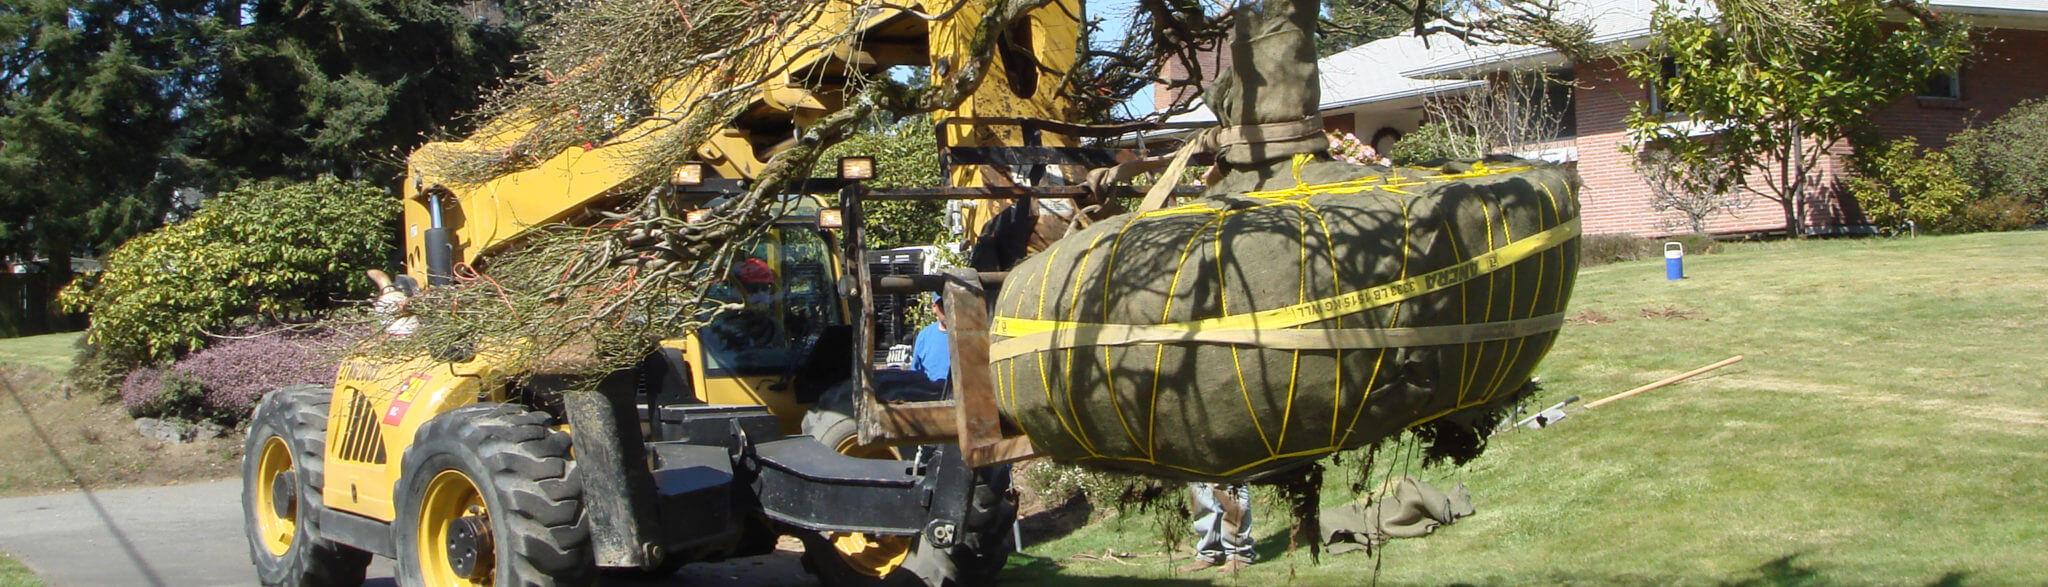 transport drzewa do przesadzenia